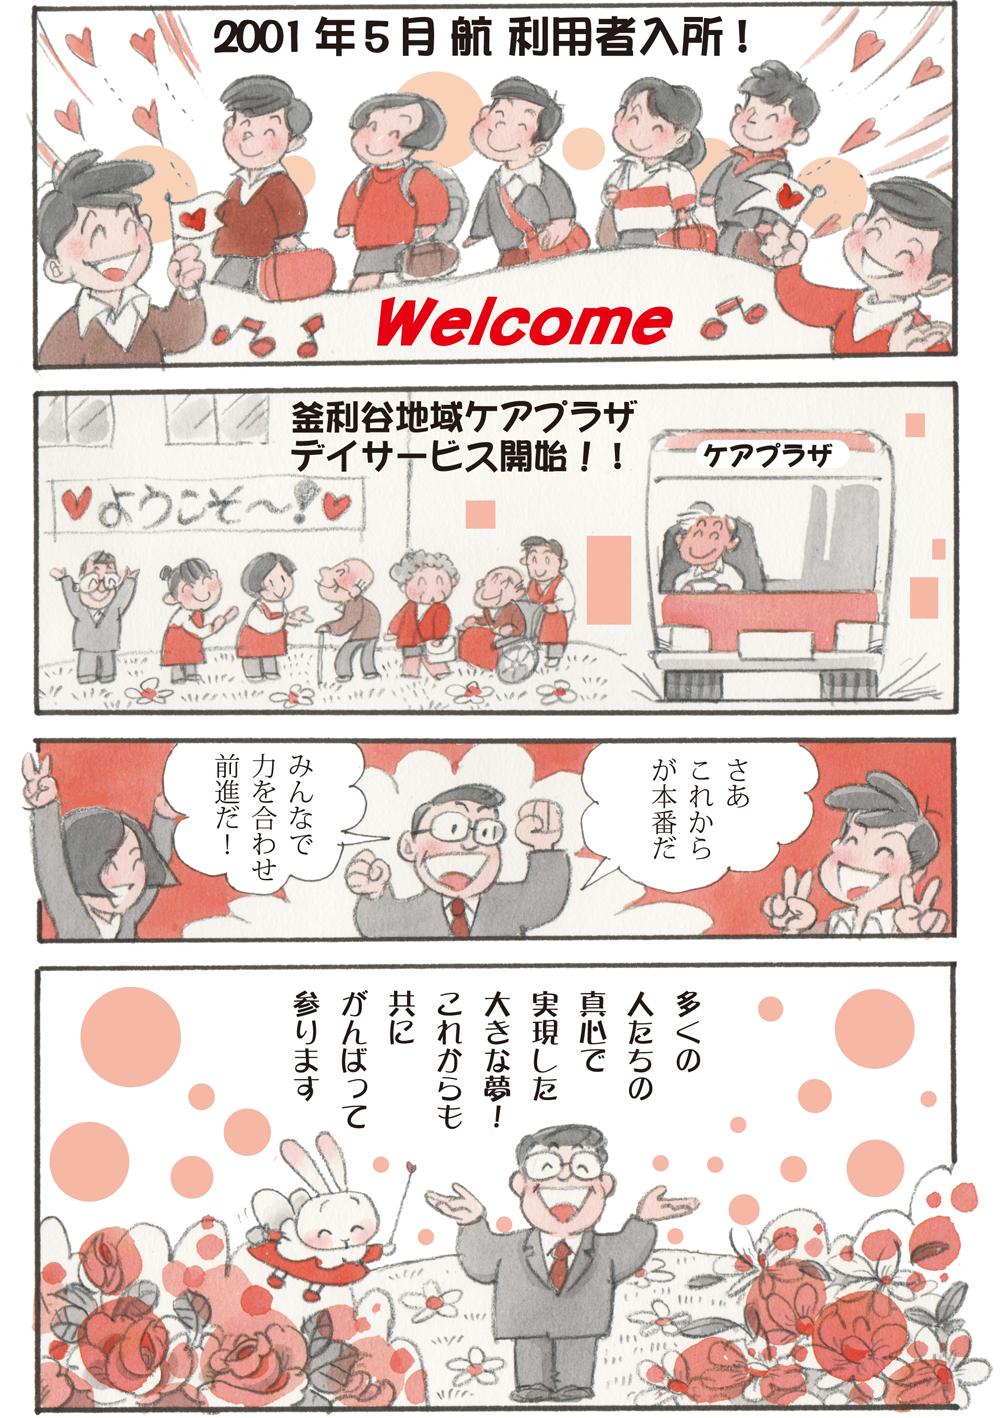 すみなす会誕生物語 8p